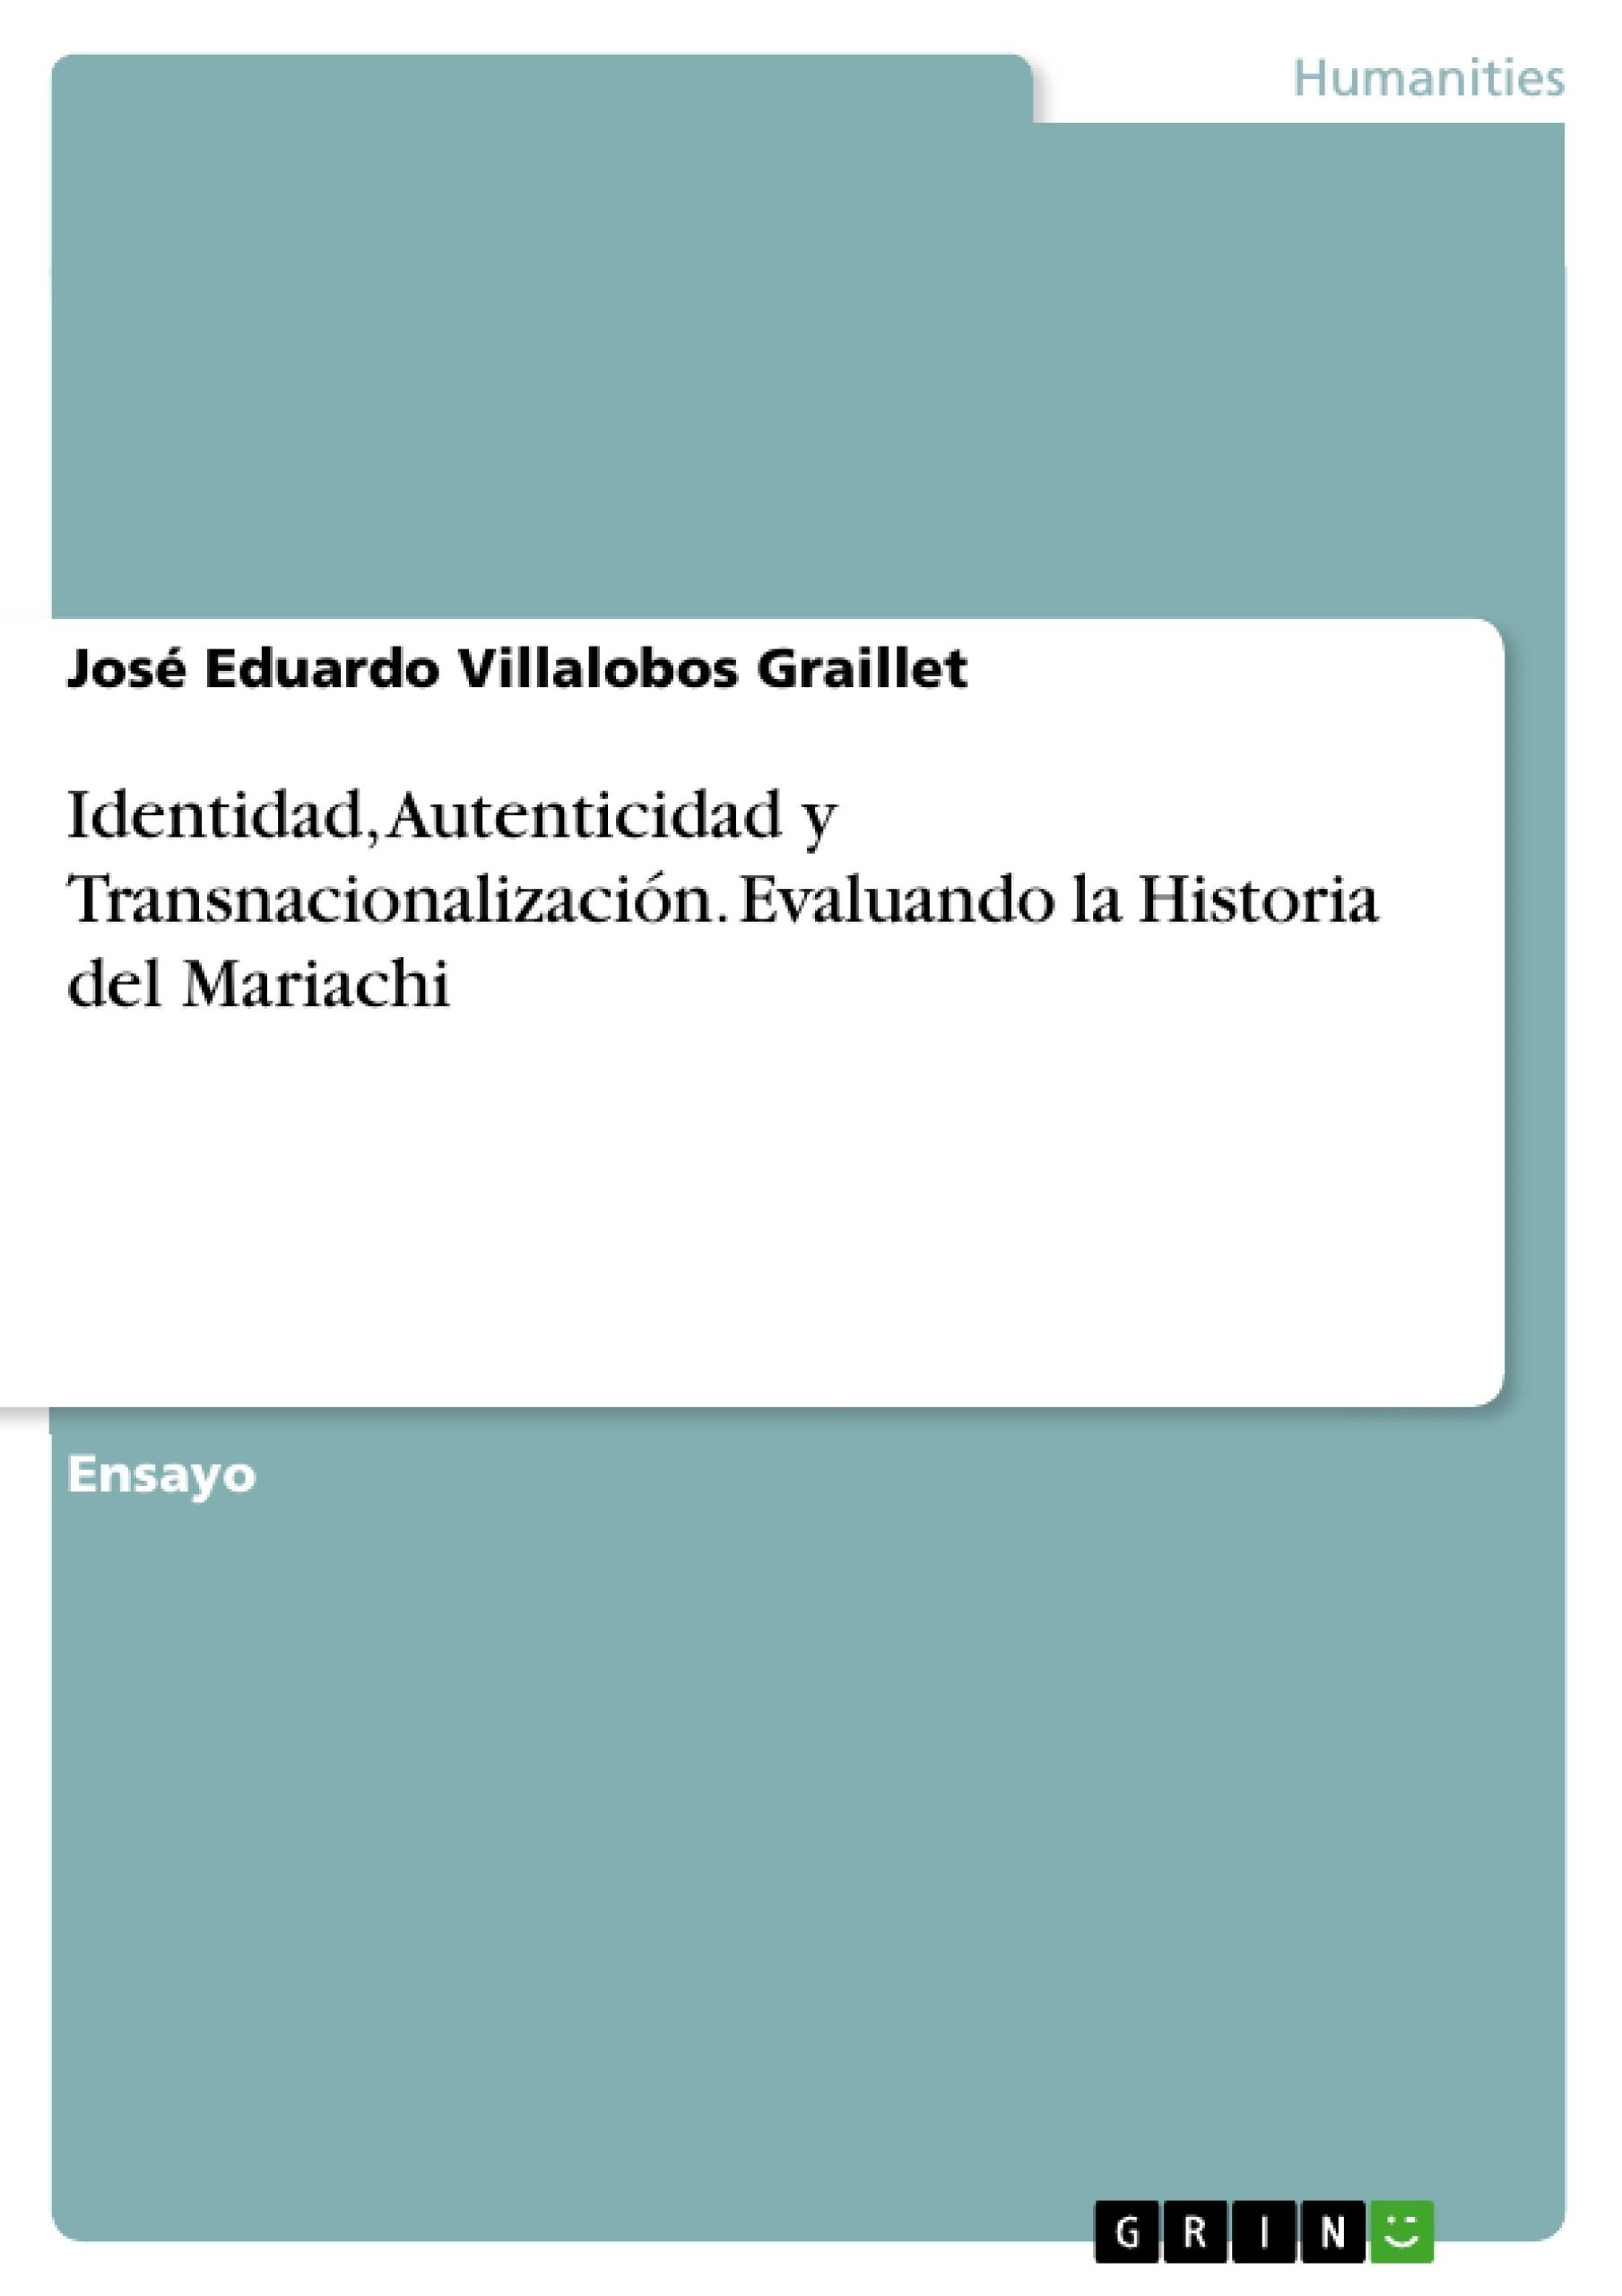 Título: Identidad, Autenticidad y Transnacionalización. Evaluando la Historia del Mariachi